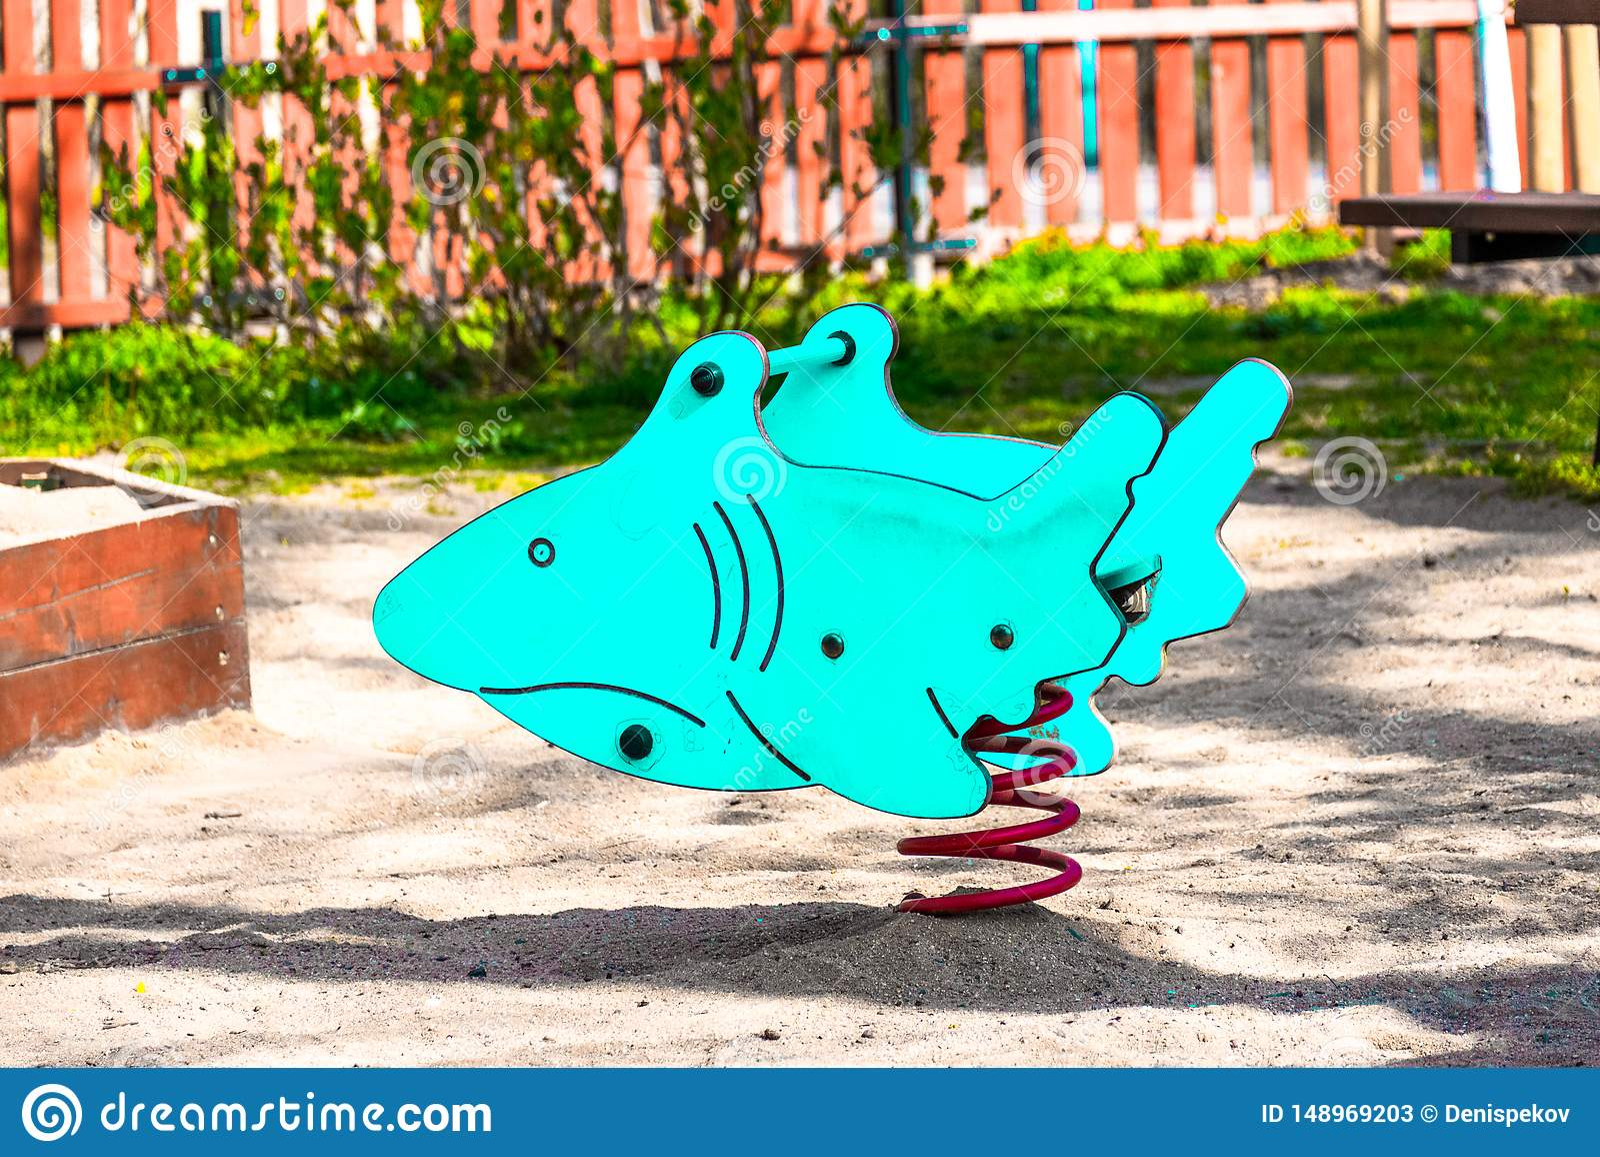 Het stuk speelgoed van kinderen haai, blauwe kleur, op de speelplaats voor kinderen